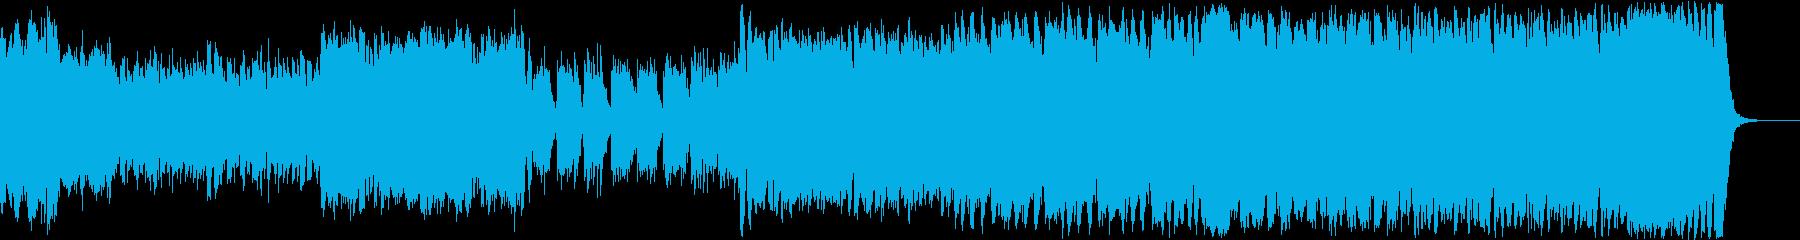 ジングルベル オーケストラ 編曲の再生済みの波形